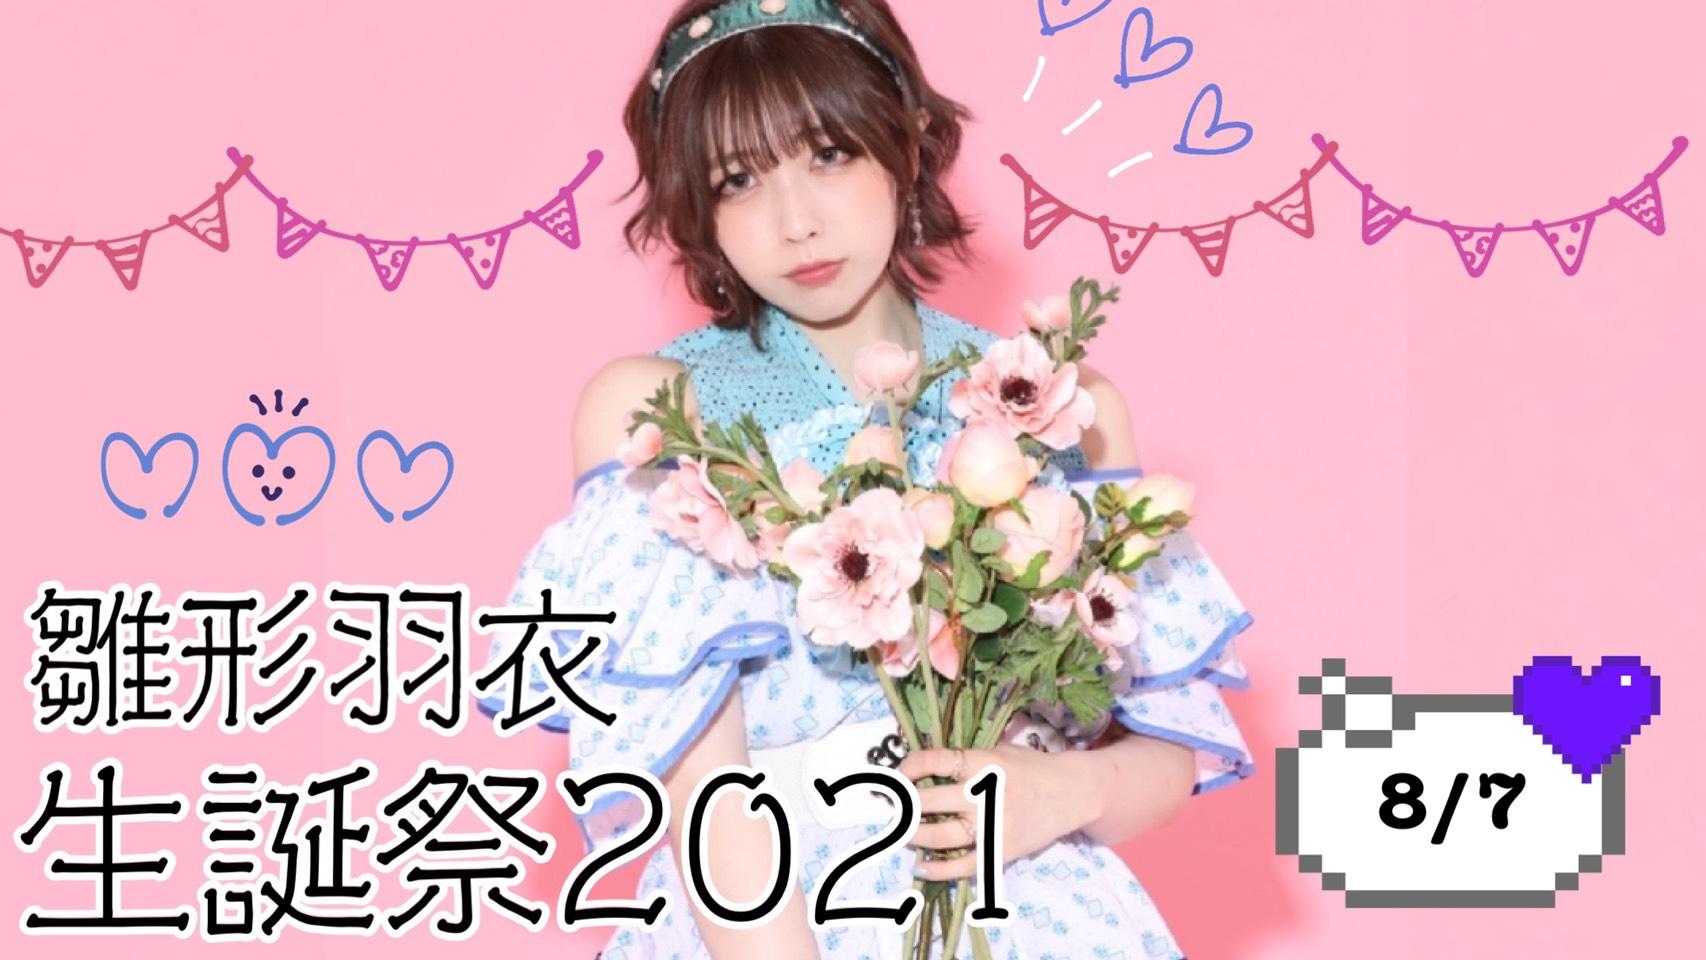 雛形羽衣 生誕祭2021